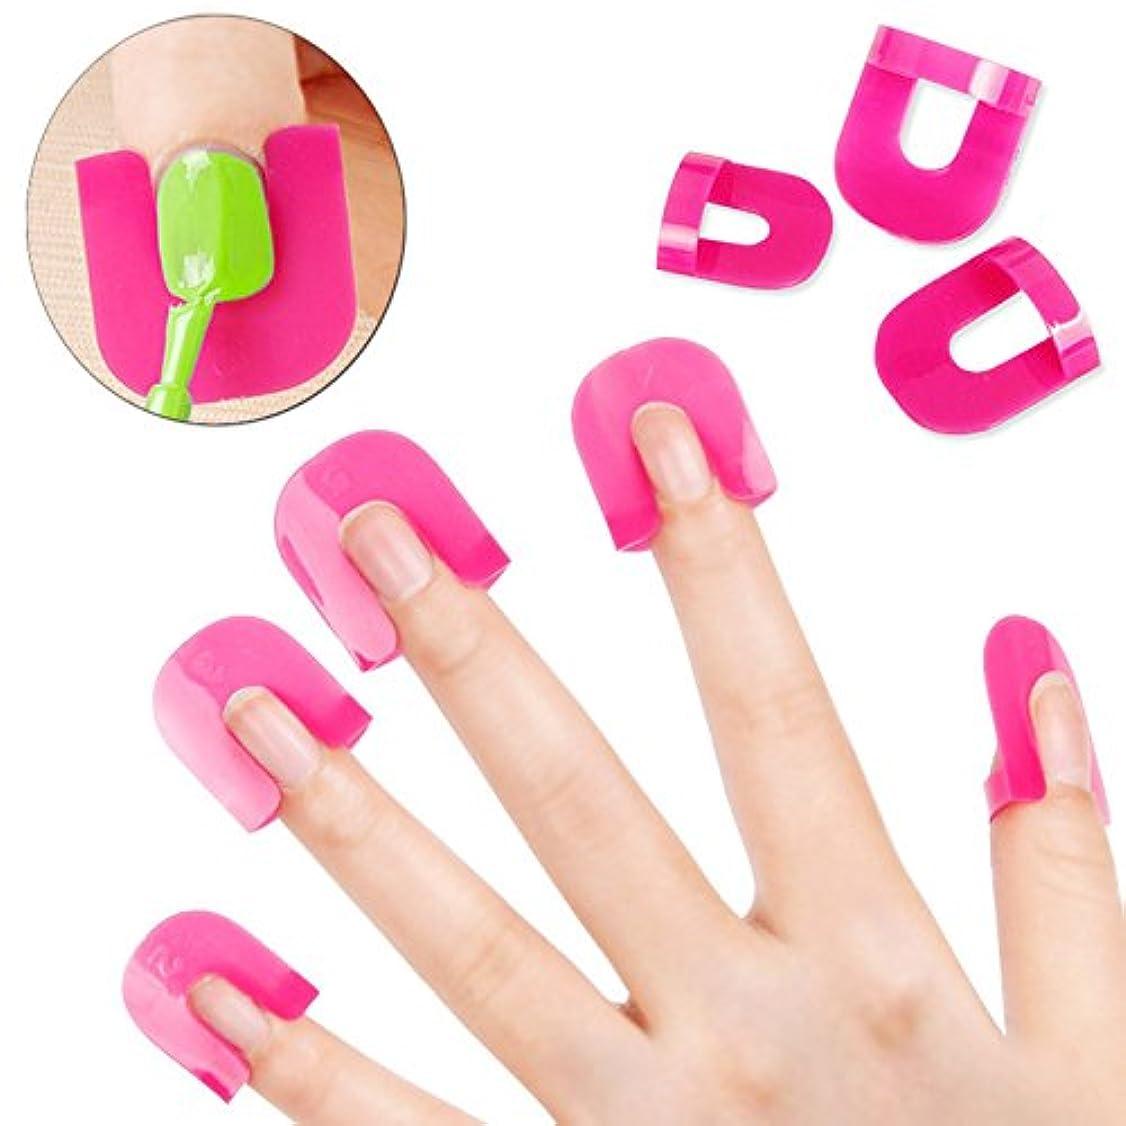 クーポン再撮り差New 26PCS Professional French Nail Art Manicure Stickers Tips Finger Cover Polish Shield Protector Plastic Case...